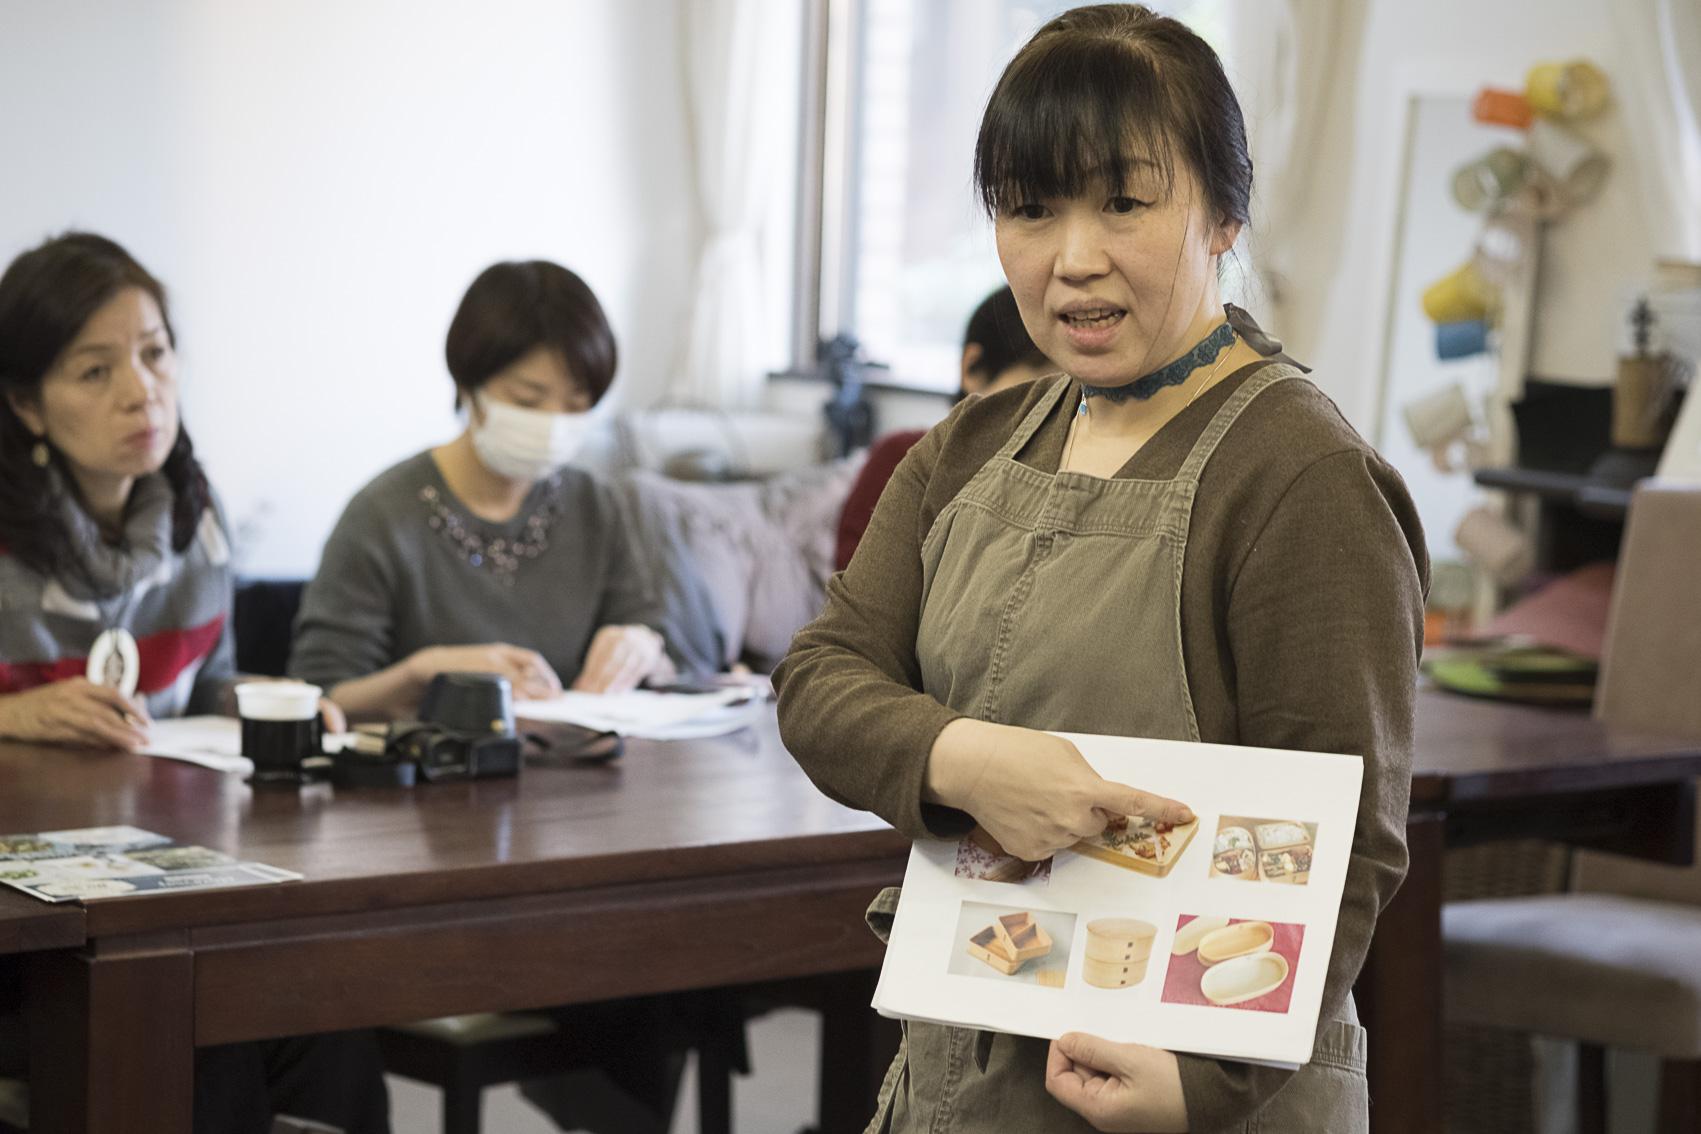 和食のいろはを優しく解説してくれます。